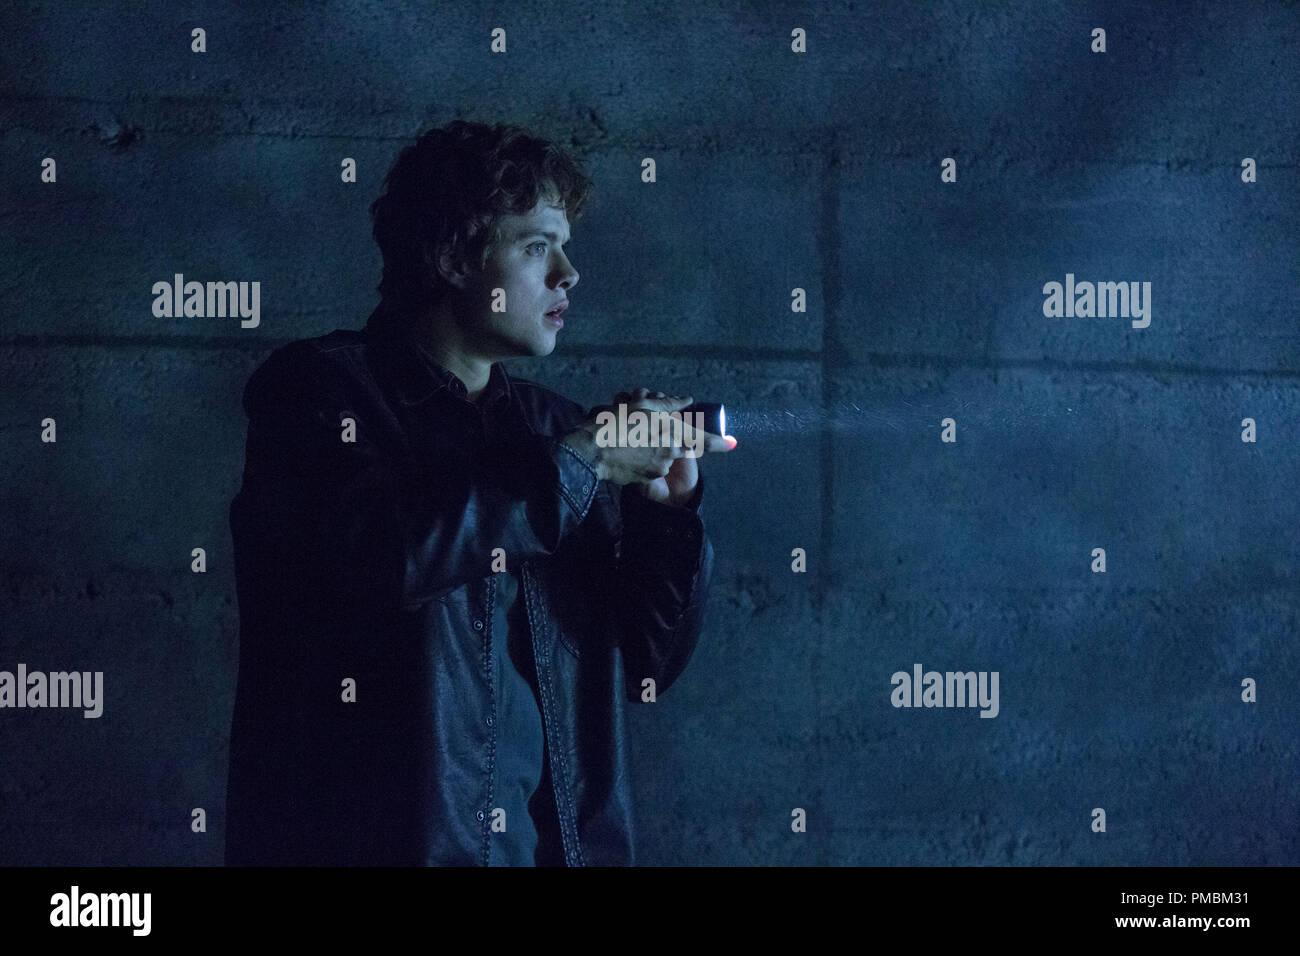 """DOUGLAS SMITH Stars wie Peter in """"OUIJA"""", einem übernatürlichen Thriller über eine Gruppe von Freunden, die ihre schrecklichsten Ängsten stellen muss, wenn Sie die dunklen Mächte der alten Geist board wecken. Stockbild"""